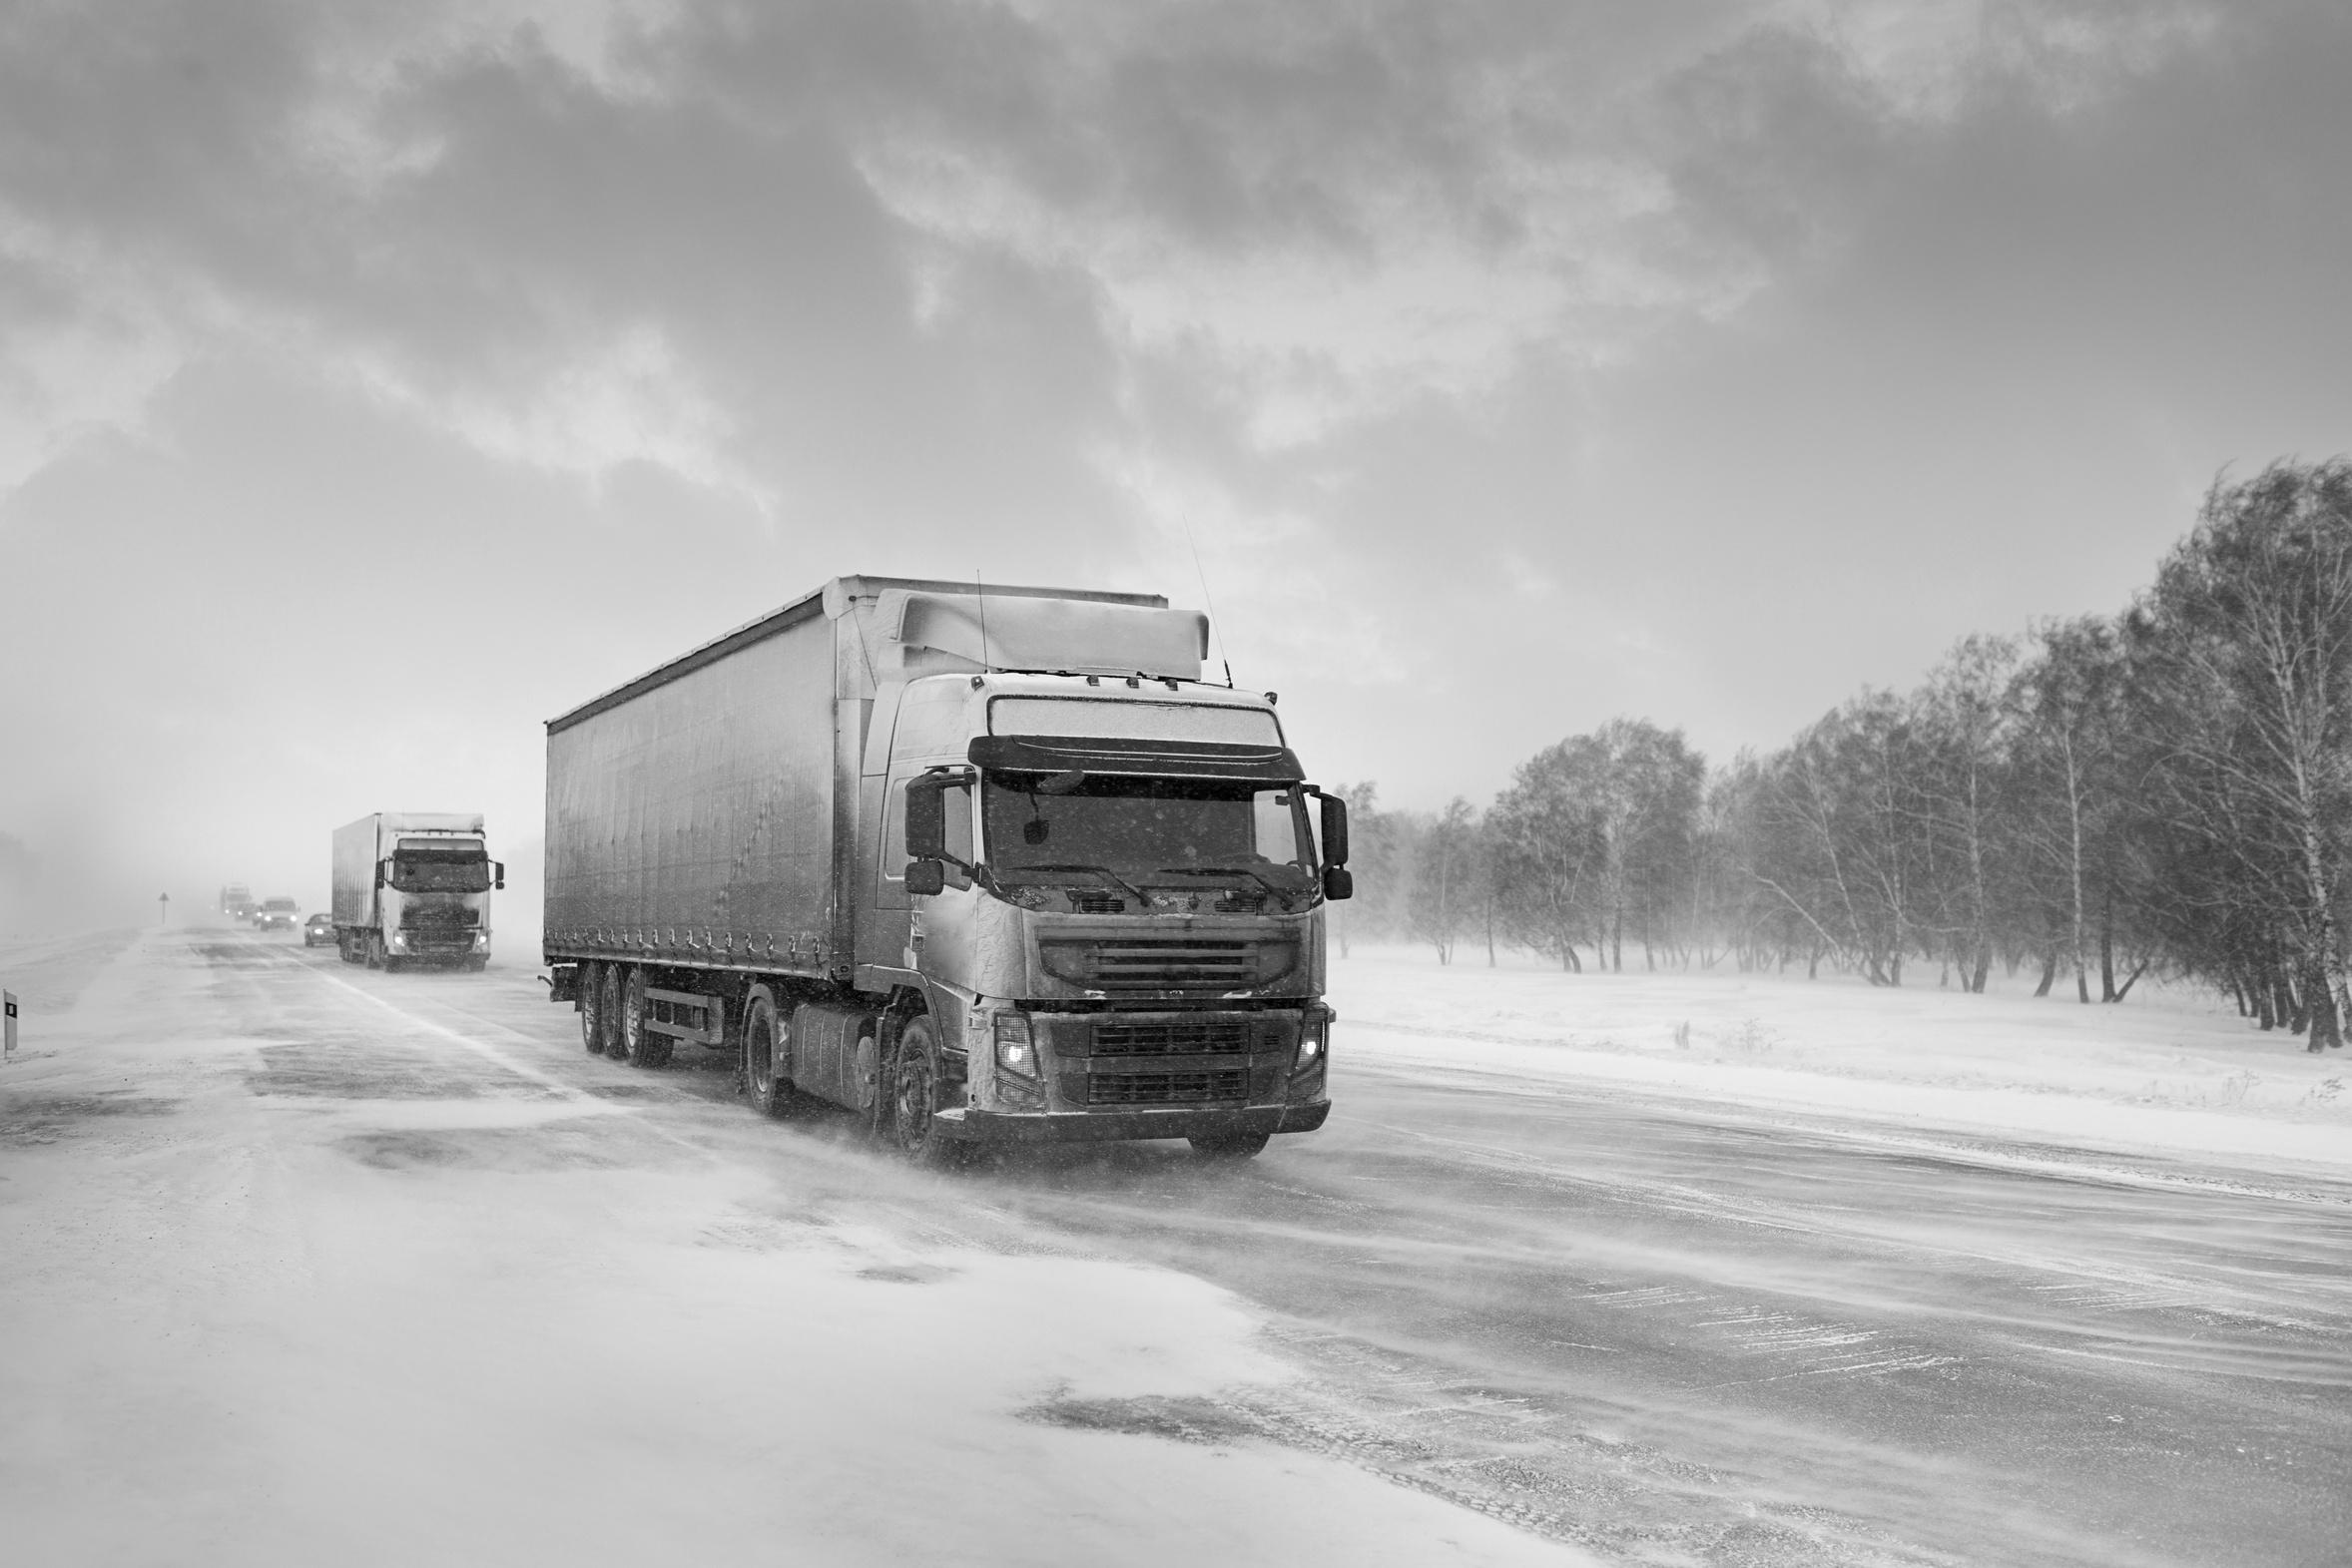 logistic service provider capcargo